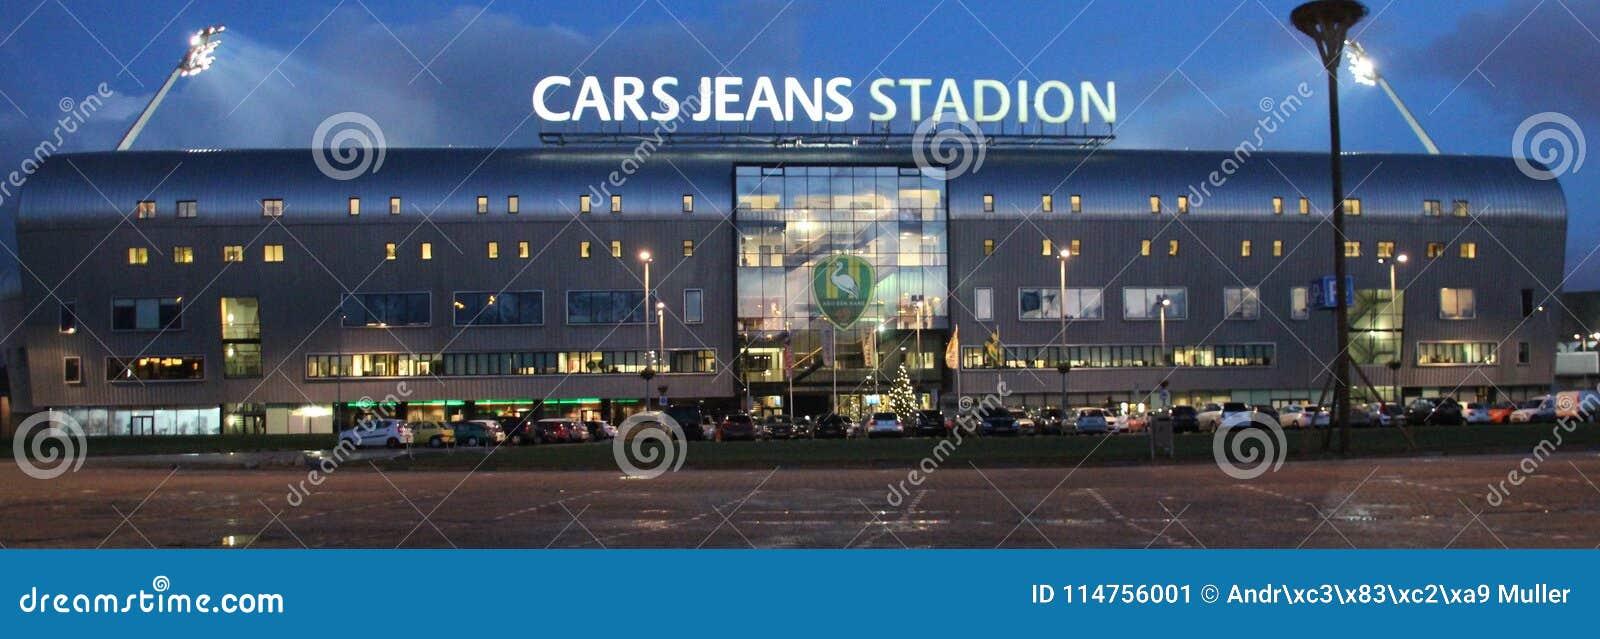 Jeans delle automobili dello stadio di football americano a L aia, casa di DIFFICOLTÀ Den Haag che gioca nel Eredivisie olandese